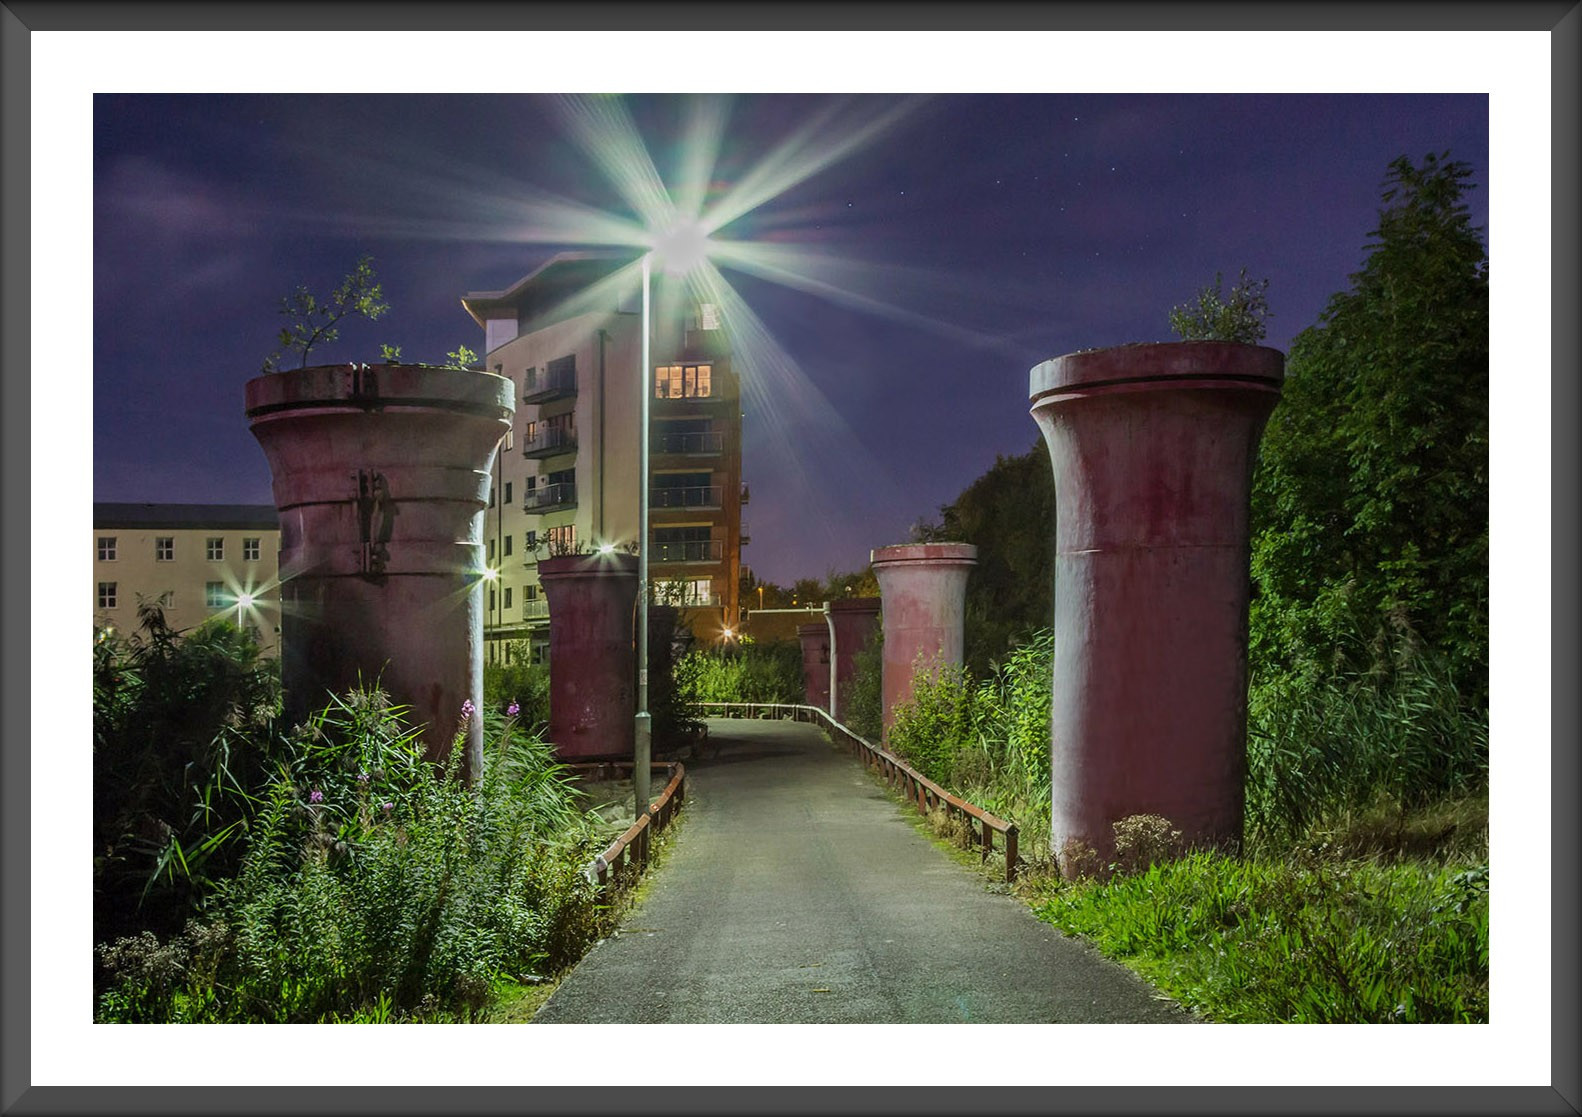 3.Platts Lodge at night F